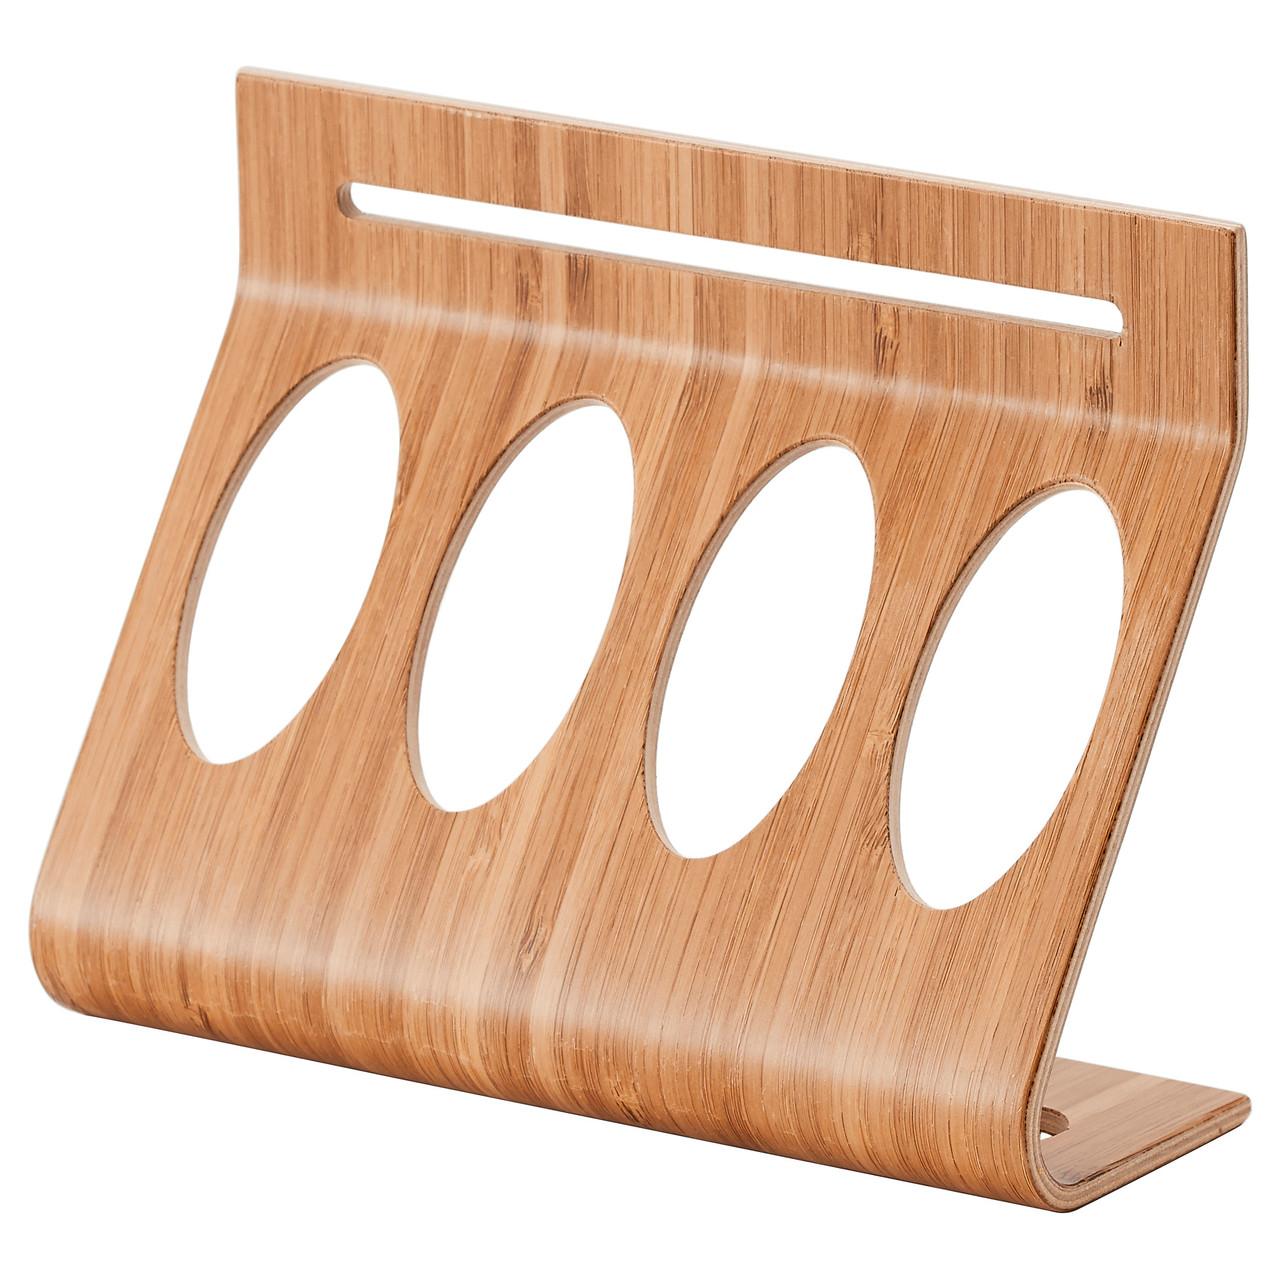 РИМФОРСА Подставка для контейнеров, бамбук, 802.962.67